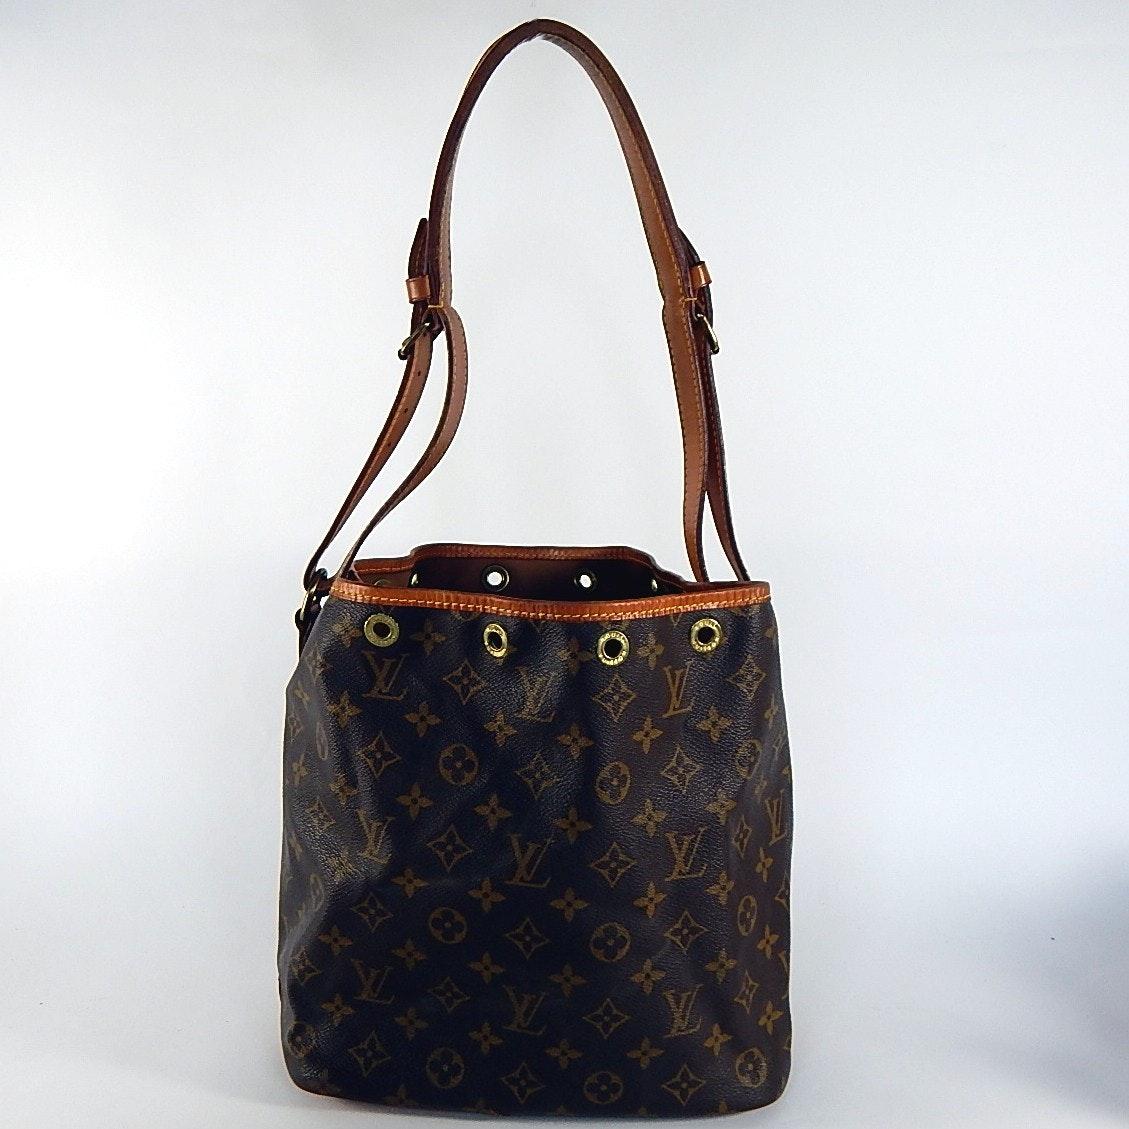 Vintage Louis Vuitton Petite Noe Handbag